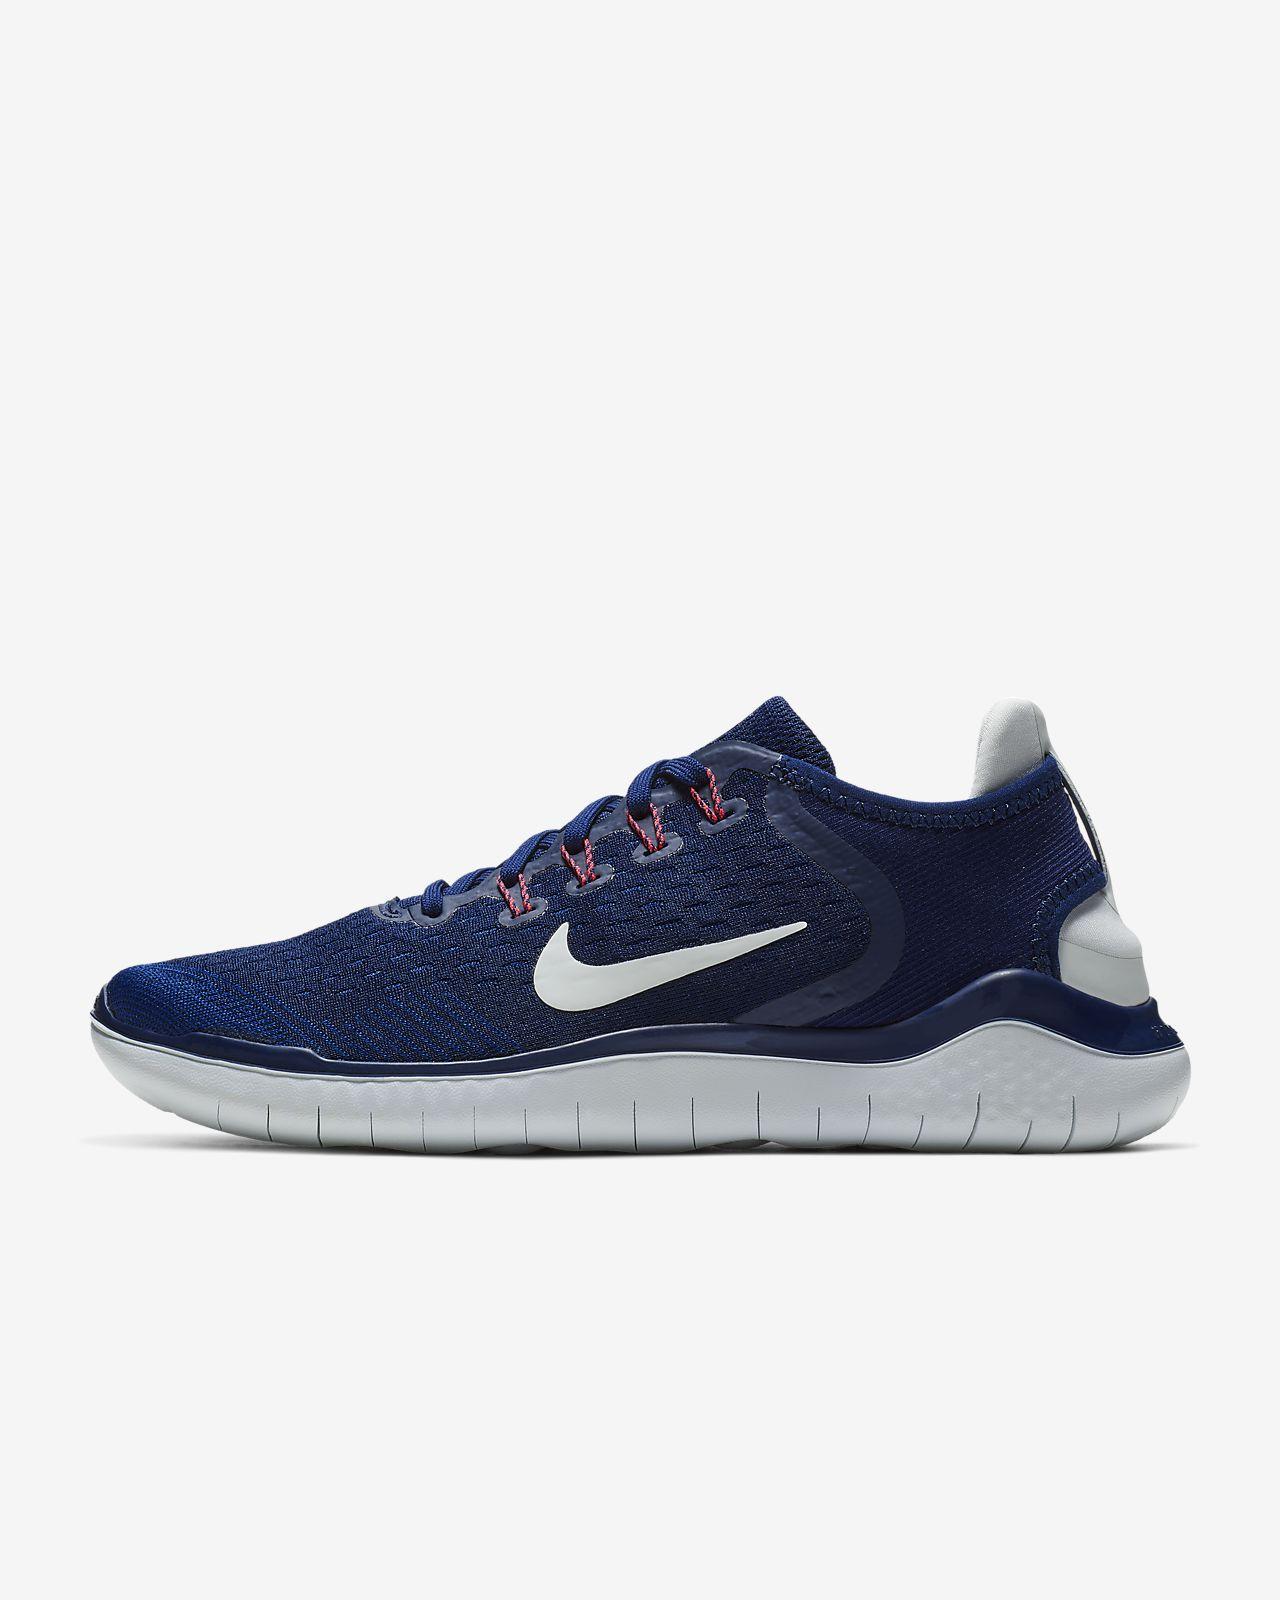 รองเท้าวิ่งผู้หญิง Nike Free RN 2018